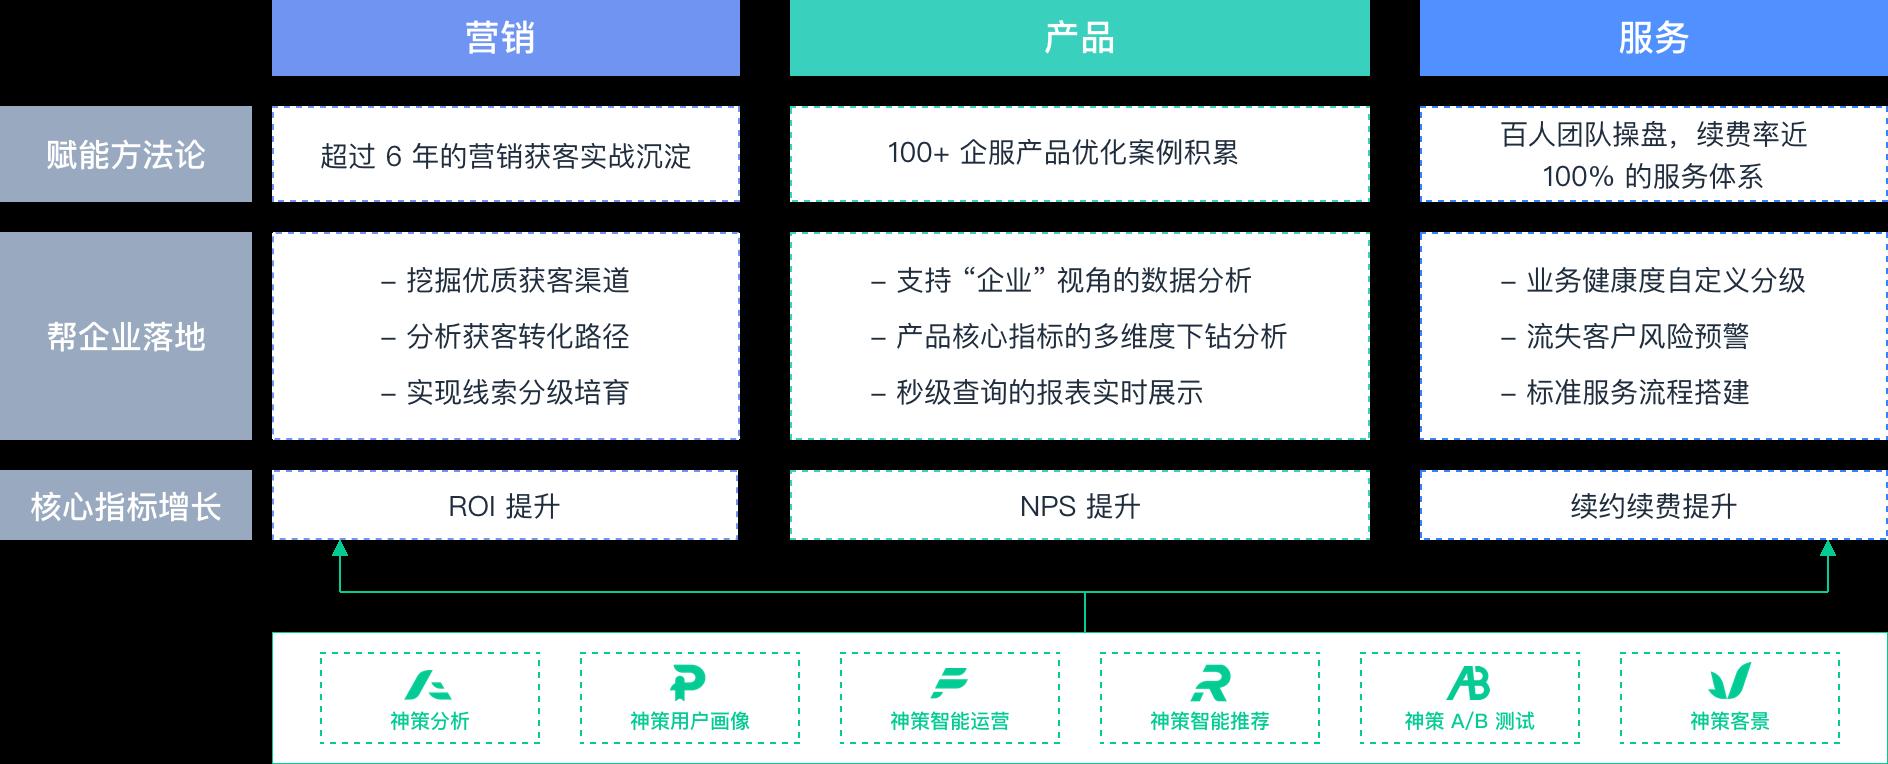 以用户为中心的电商平台体验旅程